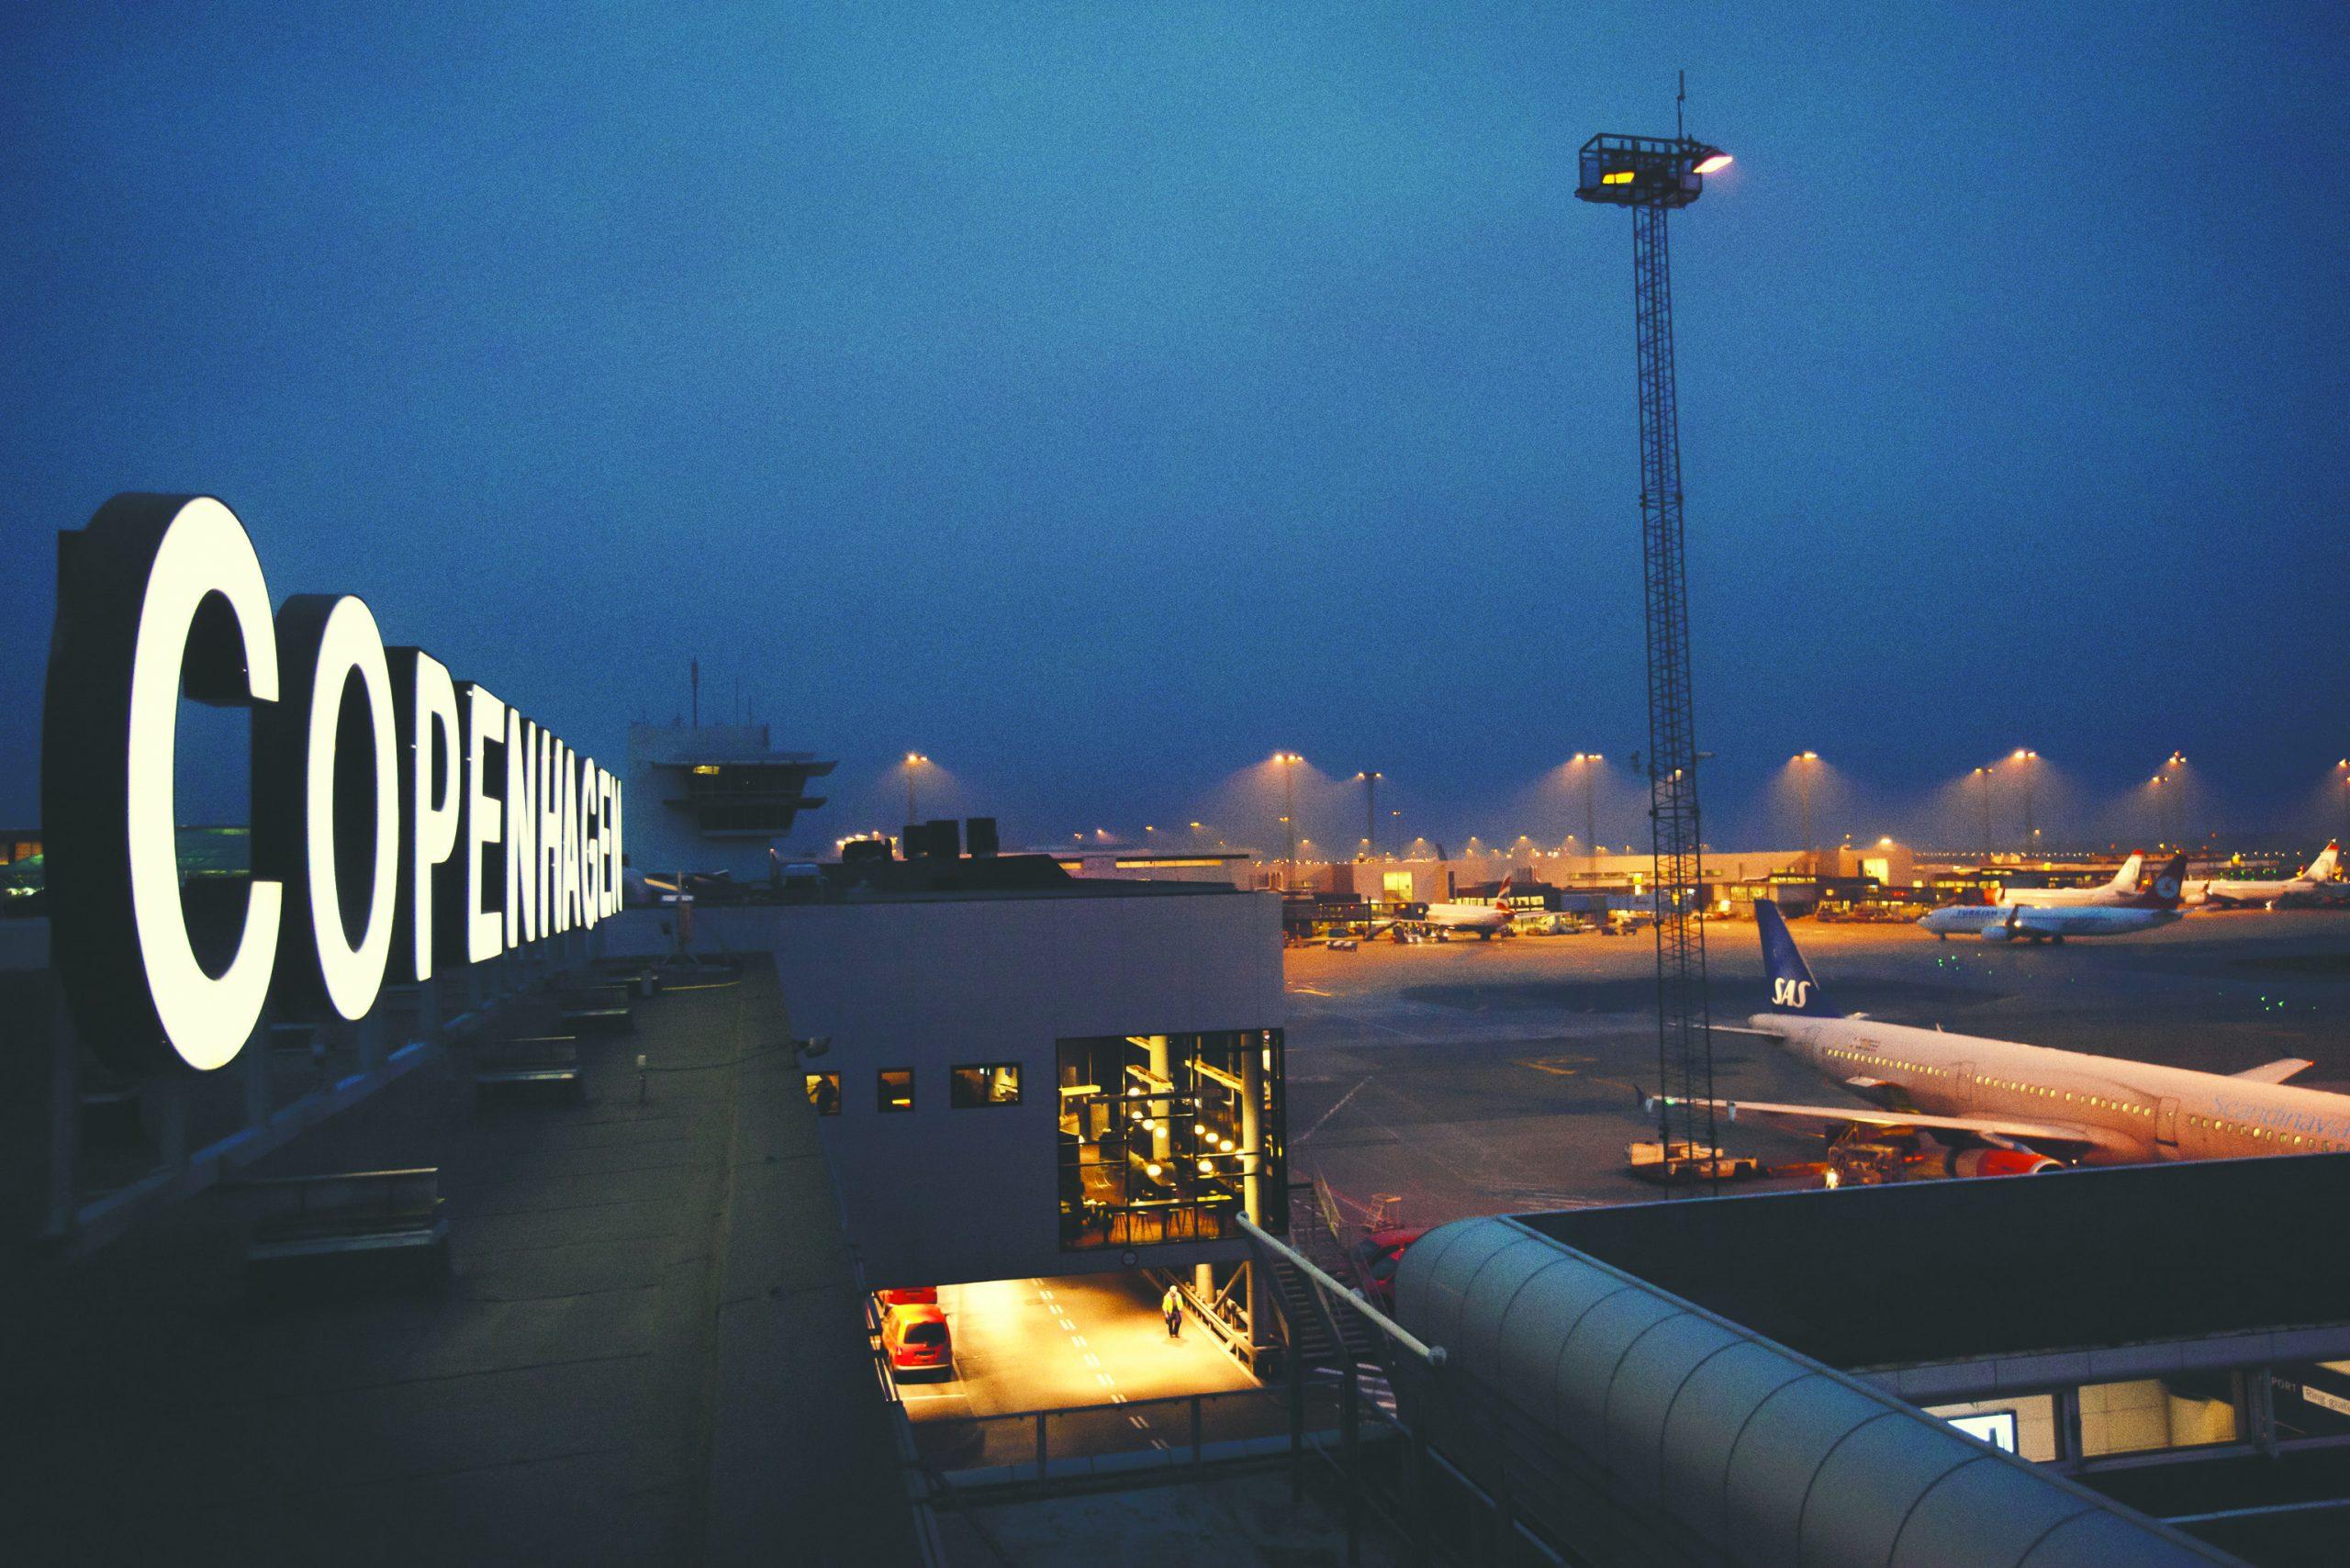 Alle dele af rejsebranchen er mere end hårdt spændt for i disse måneder. Når krisen er overstået kan der gå år før den er på samme niveau som før coronakrisen, forudsiger dansk rejsebrancheanalytiker. Arkivpressefoto fra Københavns Lufthavn.